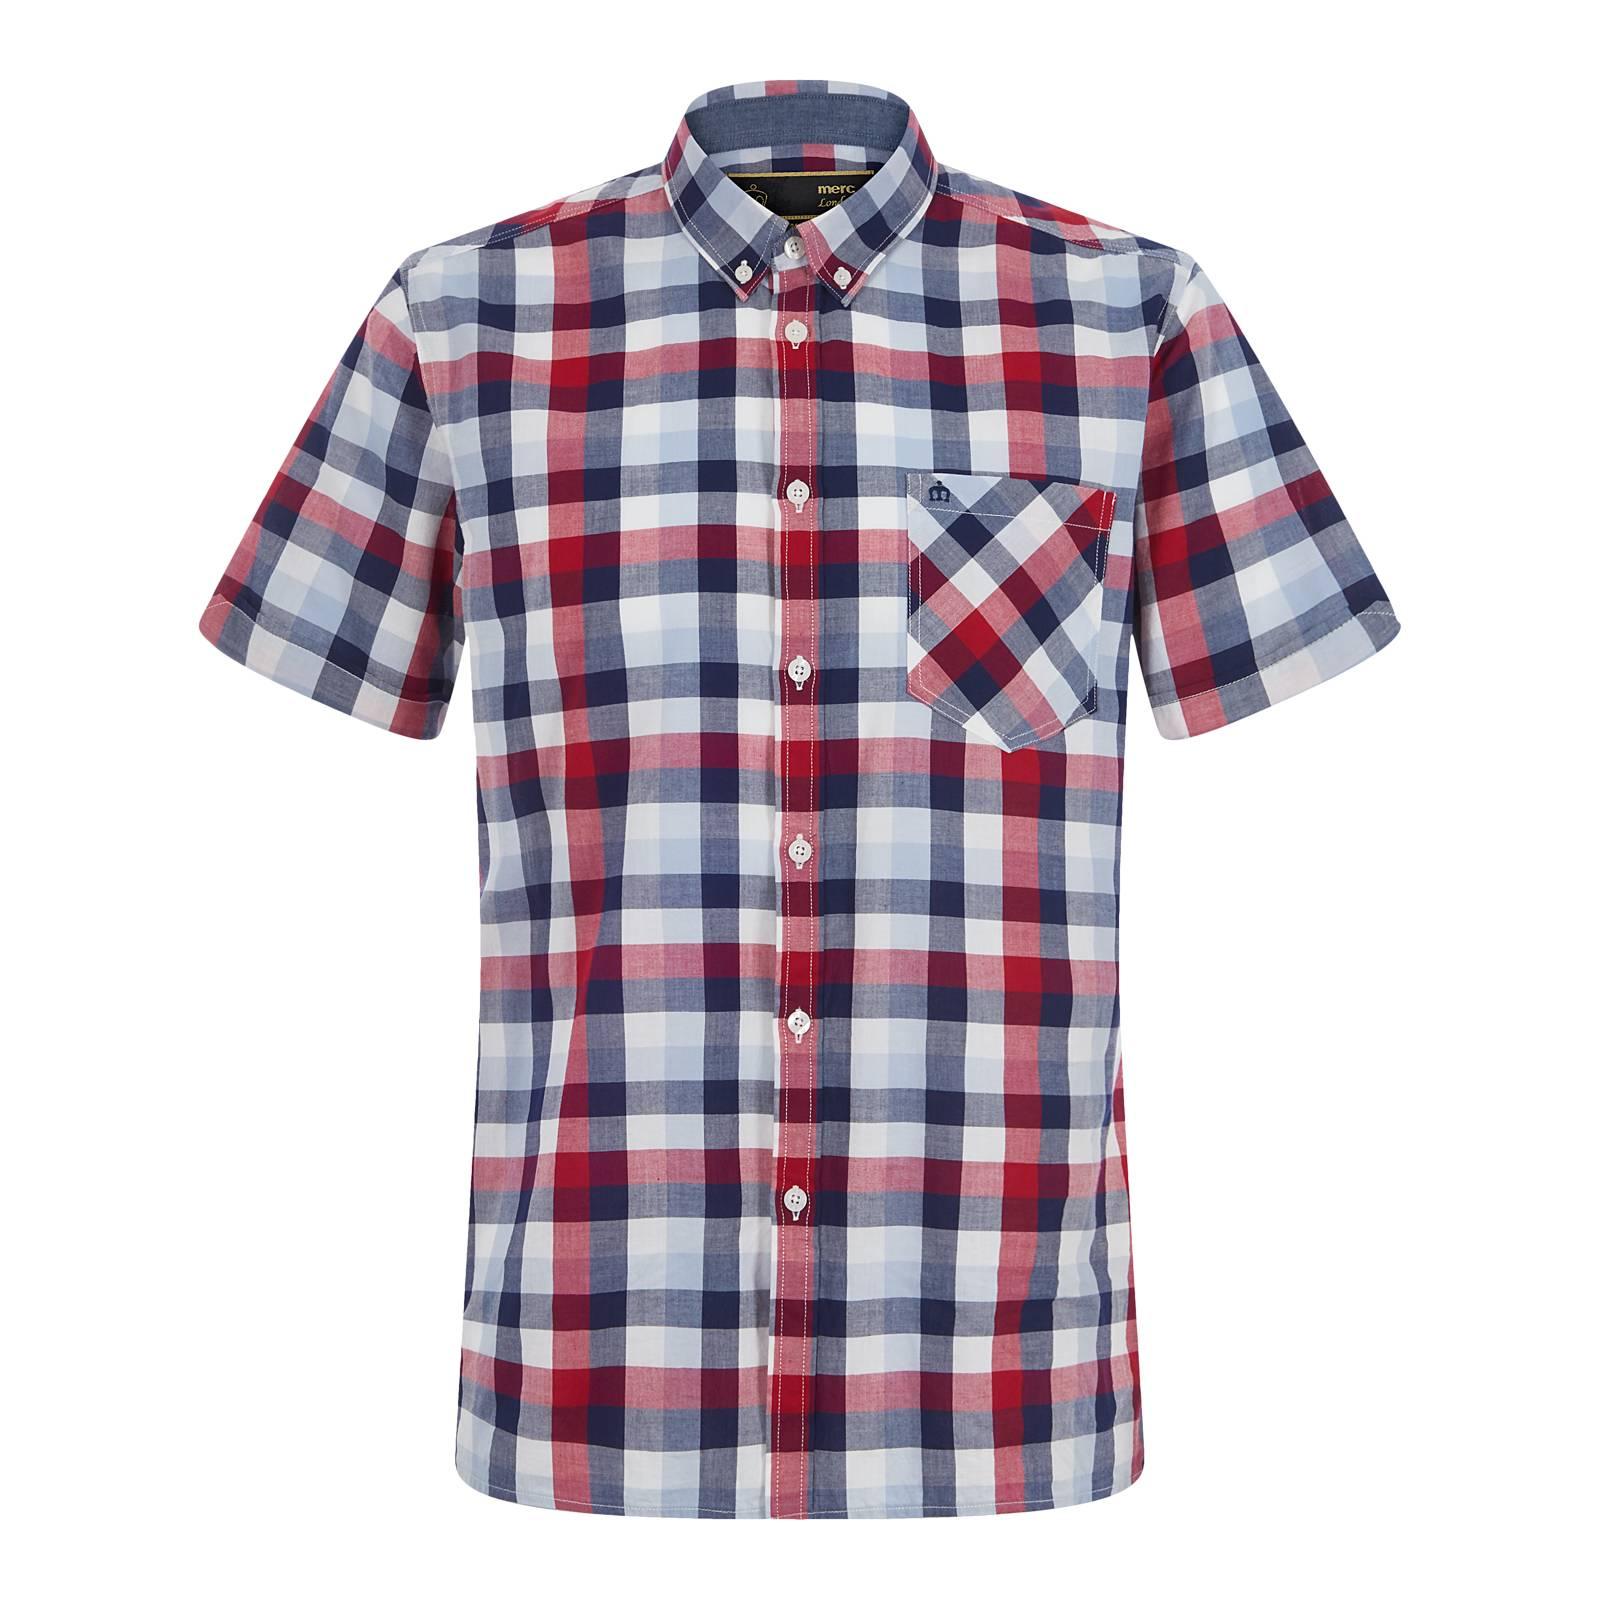 Рубашка AshfordButton Down<br>Мужская рубашка с коротким рукавом, пошитая из тонкого сорочечного хлопка, – первоклассной «дышащей» ткани (легкой, но при этом очень прочной), долговечной, немнущейся и неприхотливой в уходе. Крупный клетчатый узор, выполненный в приятной и сбалансированной цветовой гамме, навеян тенденциями современной моды и выглядит весьма актуально. Фирменный для бренда button-down воротник на пуговицах имеет аккуратный фасон и хорошо сочетается с легким трикотажем, весенними парками, ветровками и Харрингтоном. Рукава рубашки немного заужены для прилегания. Её можно носить как с кроссовками, так и с относительно строгой обувью, например, лоферами или топсайдерами, комбинируя с чиносами или шортами; брюками Sta-Prest или джинсами; хипстерским рюкзаком или ретро сумкой через плечо. Брендирована логотипом Корона на нагрудном кармане.<br><br>Артикул: 1517112<br>Материал: 100% хлопок<br>Цвет: красный с синим и голубым<br>Пол: Мужской